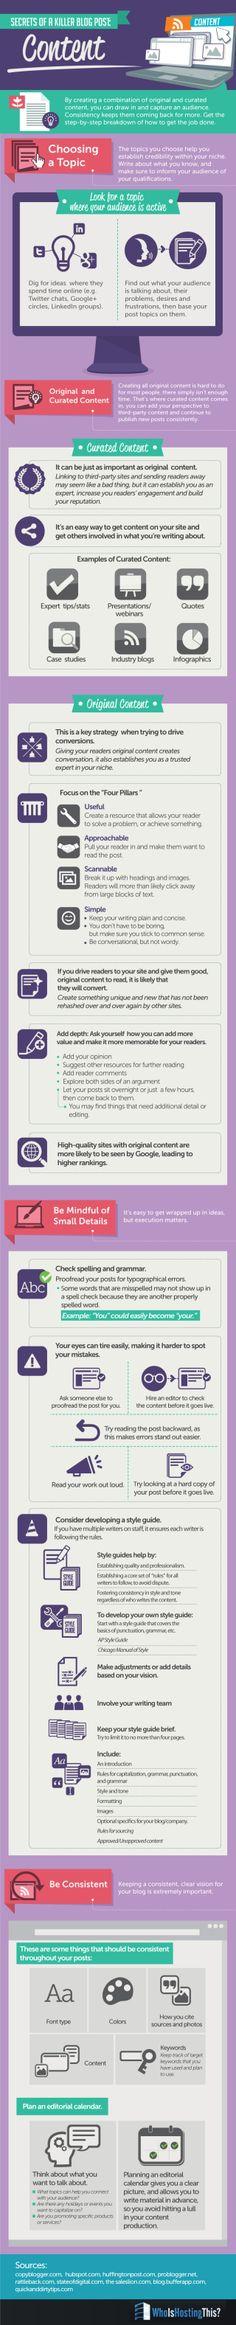 Haz bueno un post mediante contenido #infografia #infographic #marketing